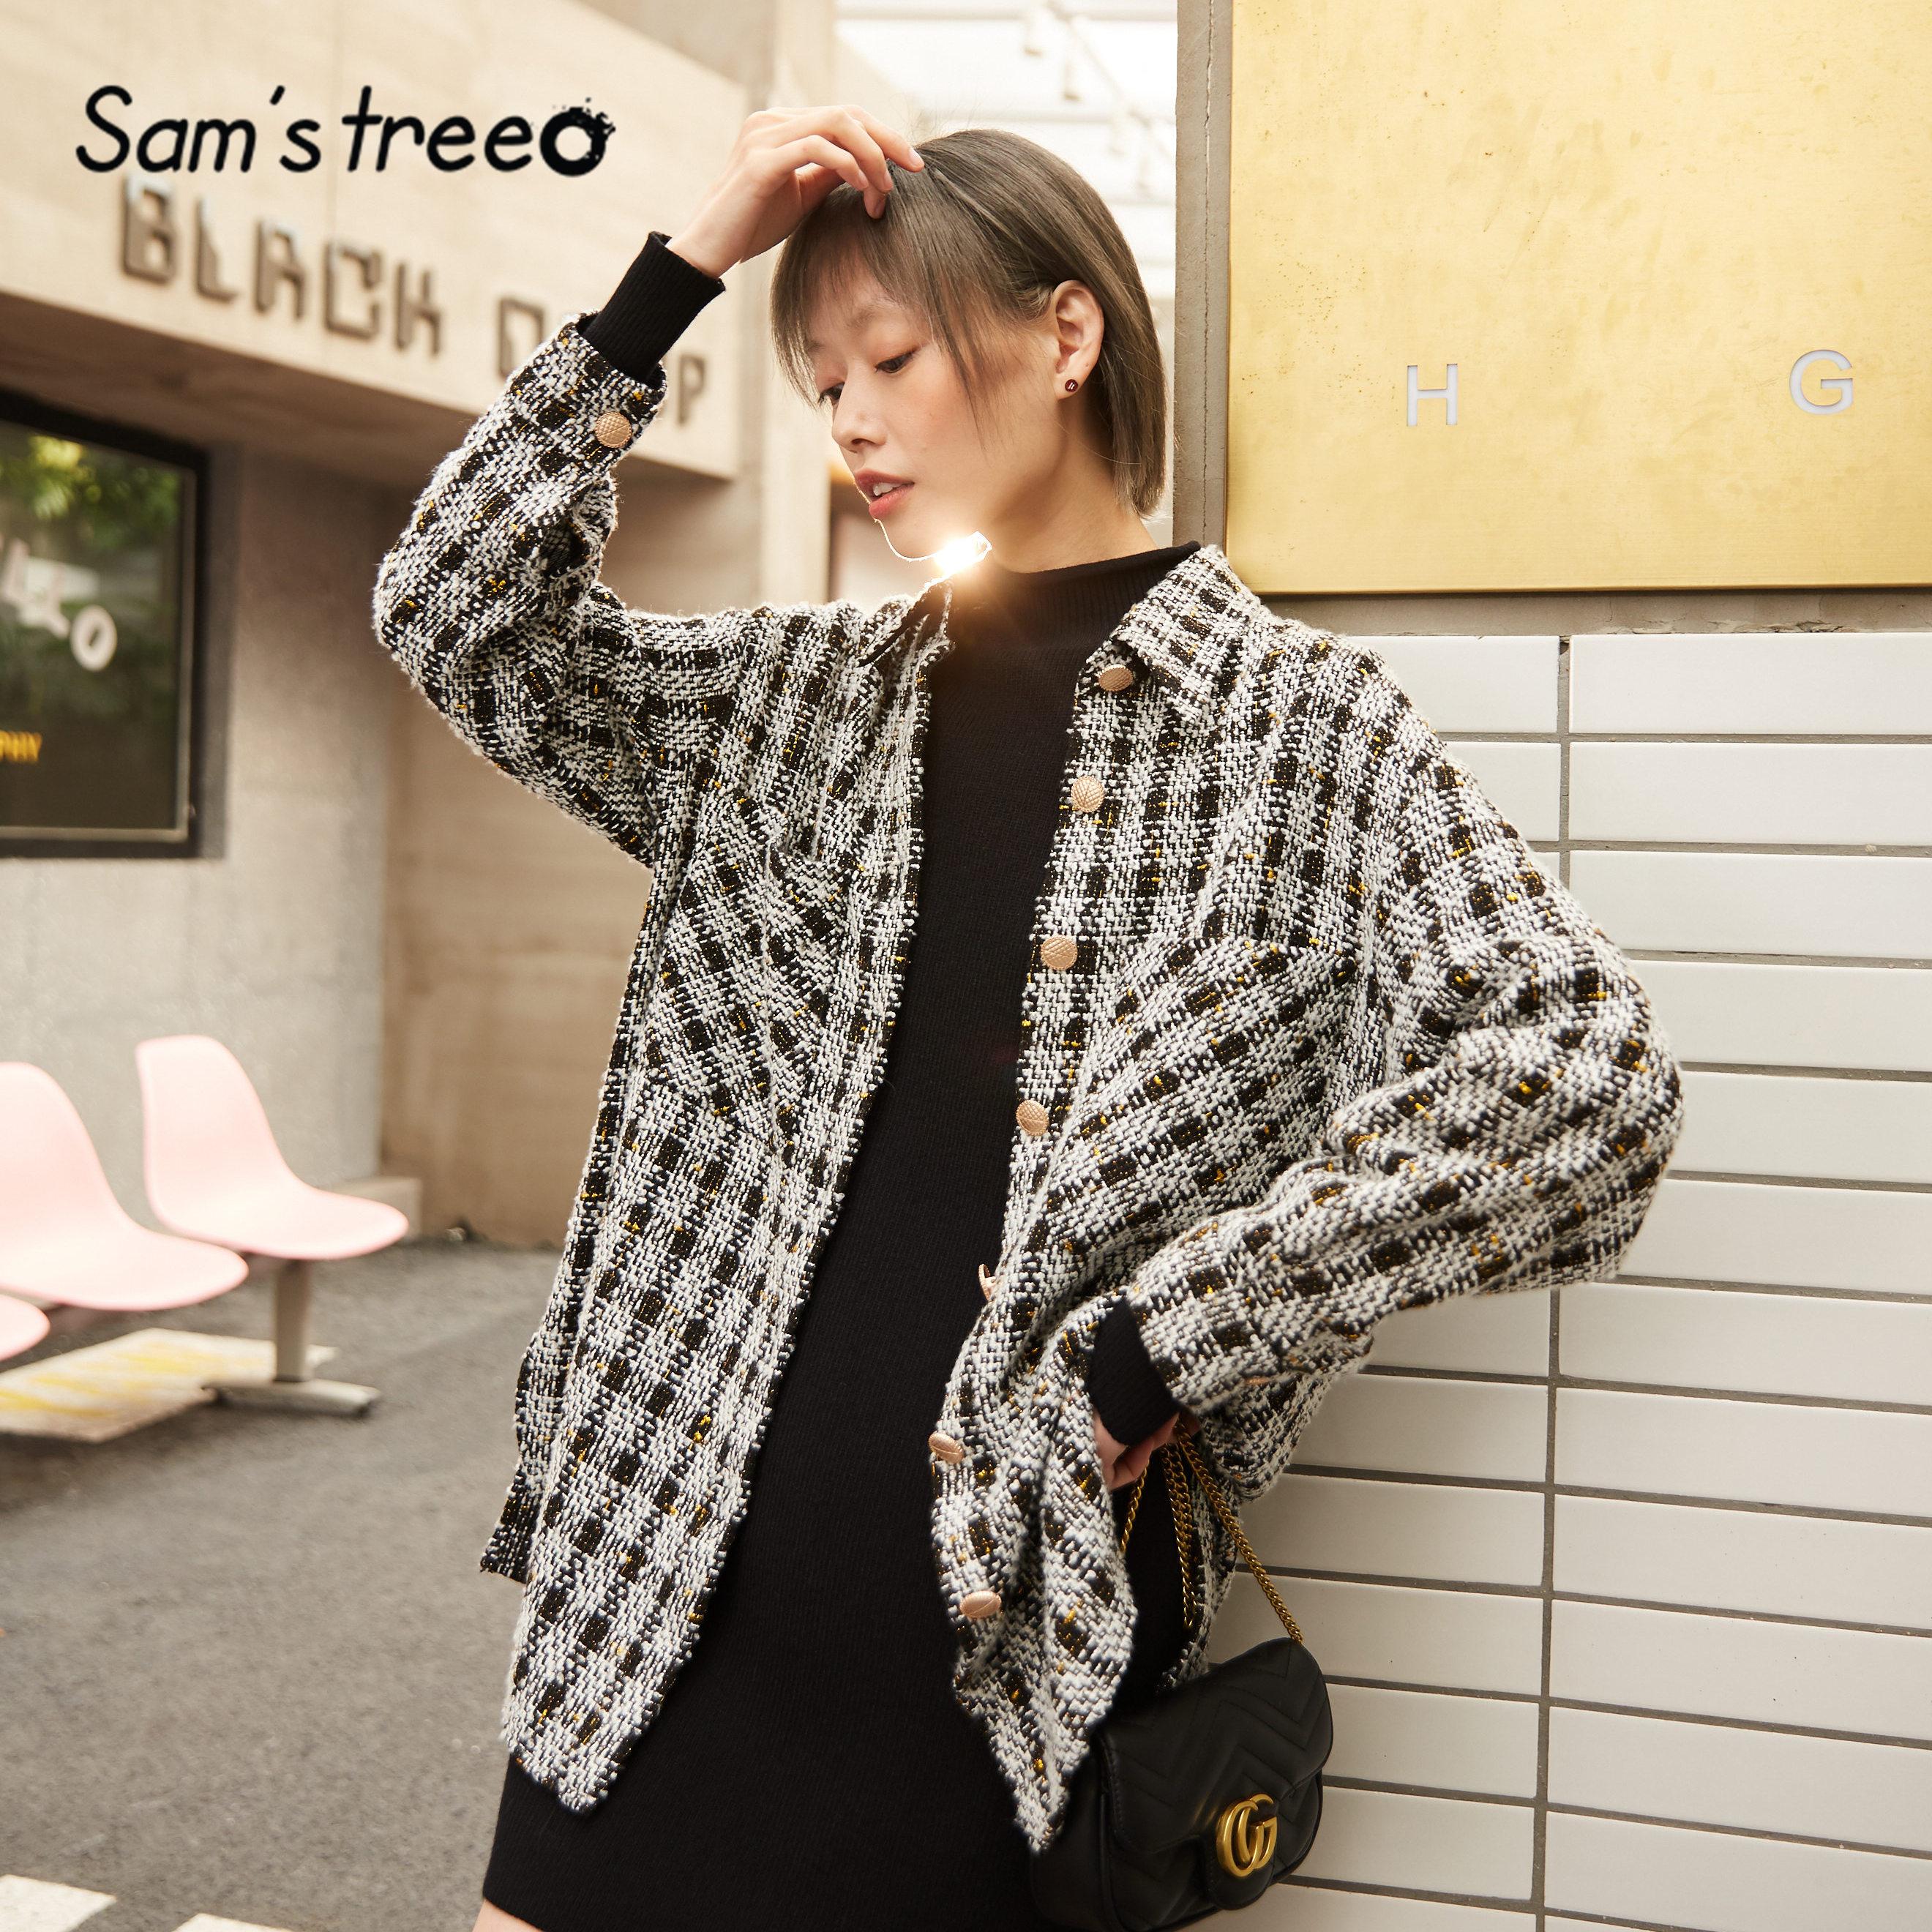 SAM'S TREE White Plaid Single Breasted High Low Women Tweed Jacket 2020 Spring Black Drop Shoulder Sleeve Casual Ladies Outwears